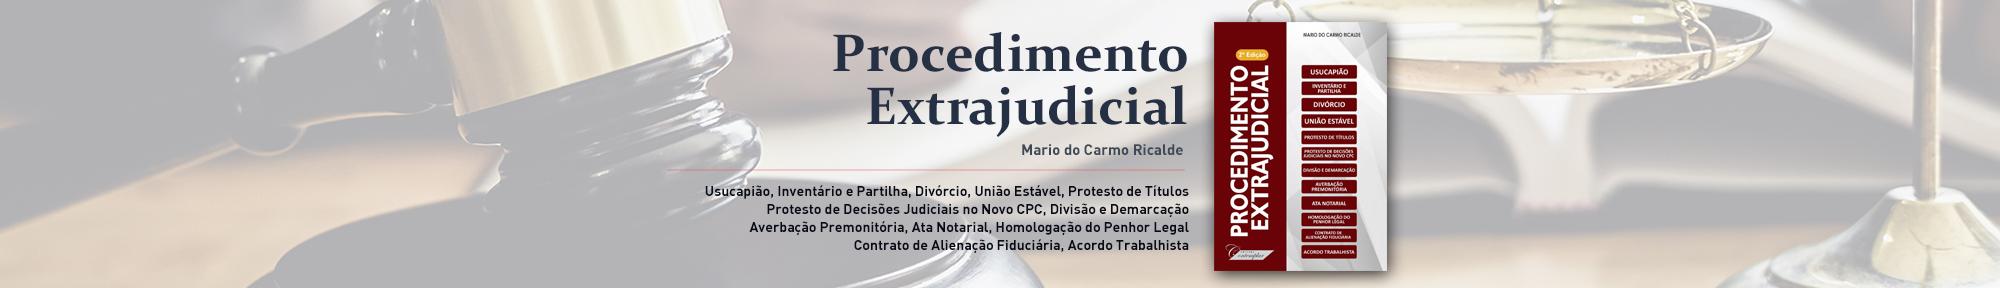 Procedimento Extrajudicial